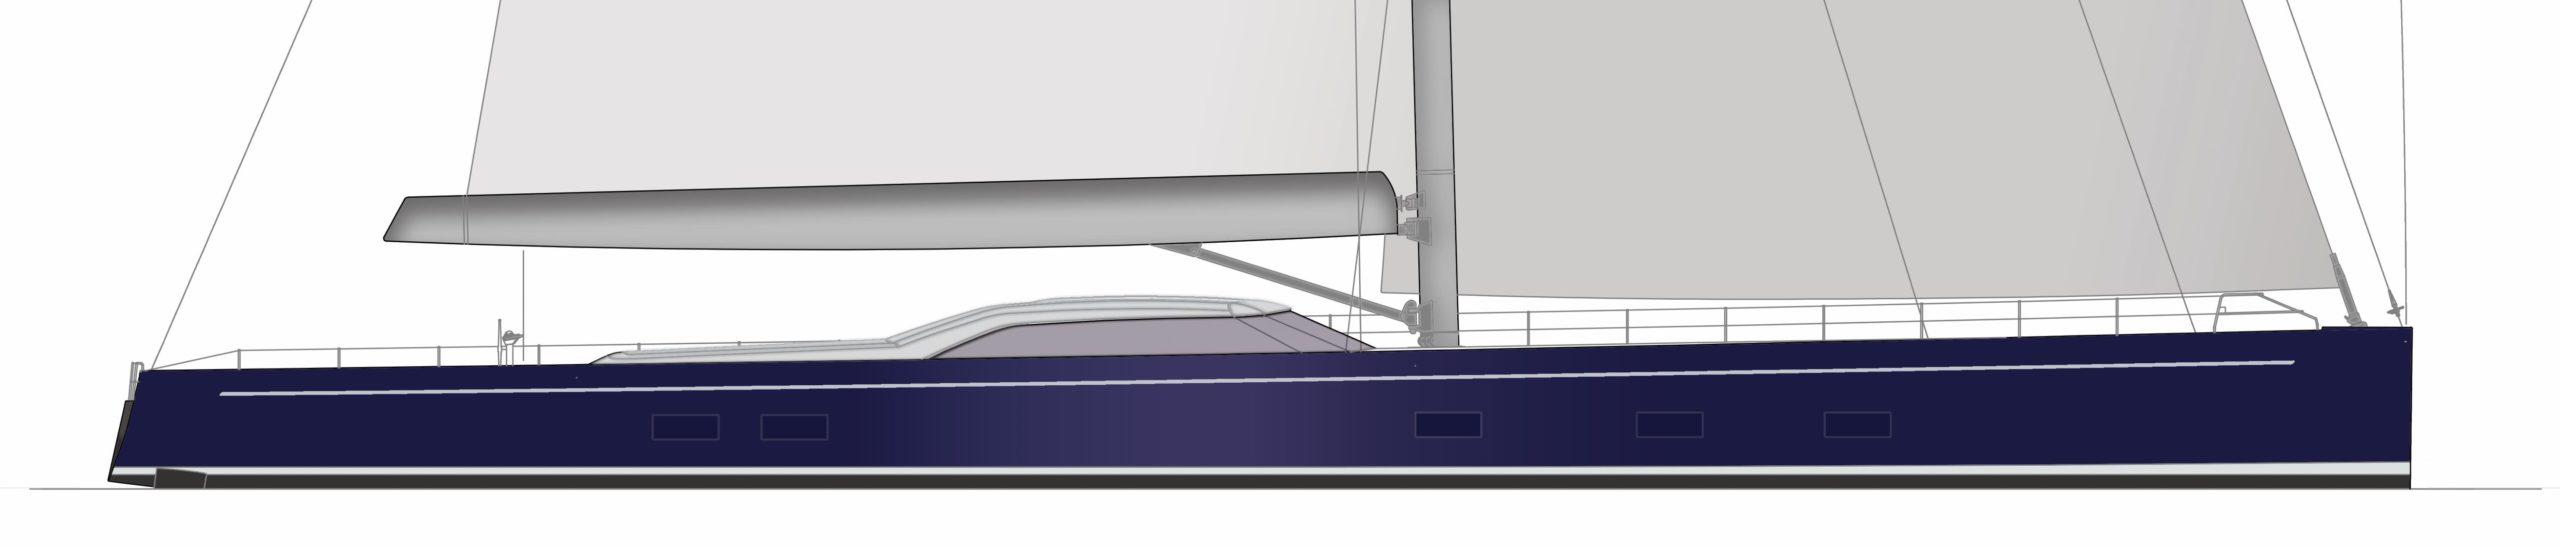 Royal Huisman Project 405 Sailing Yacht